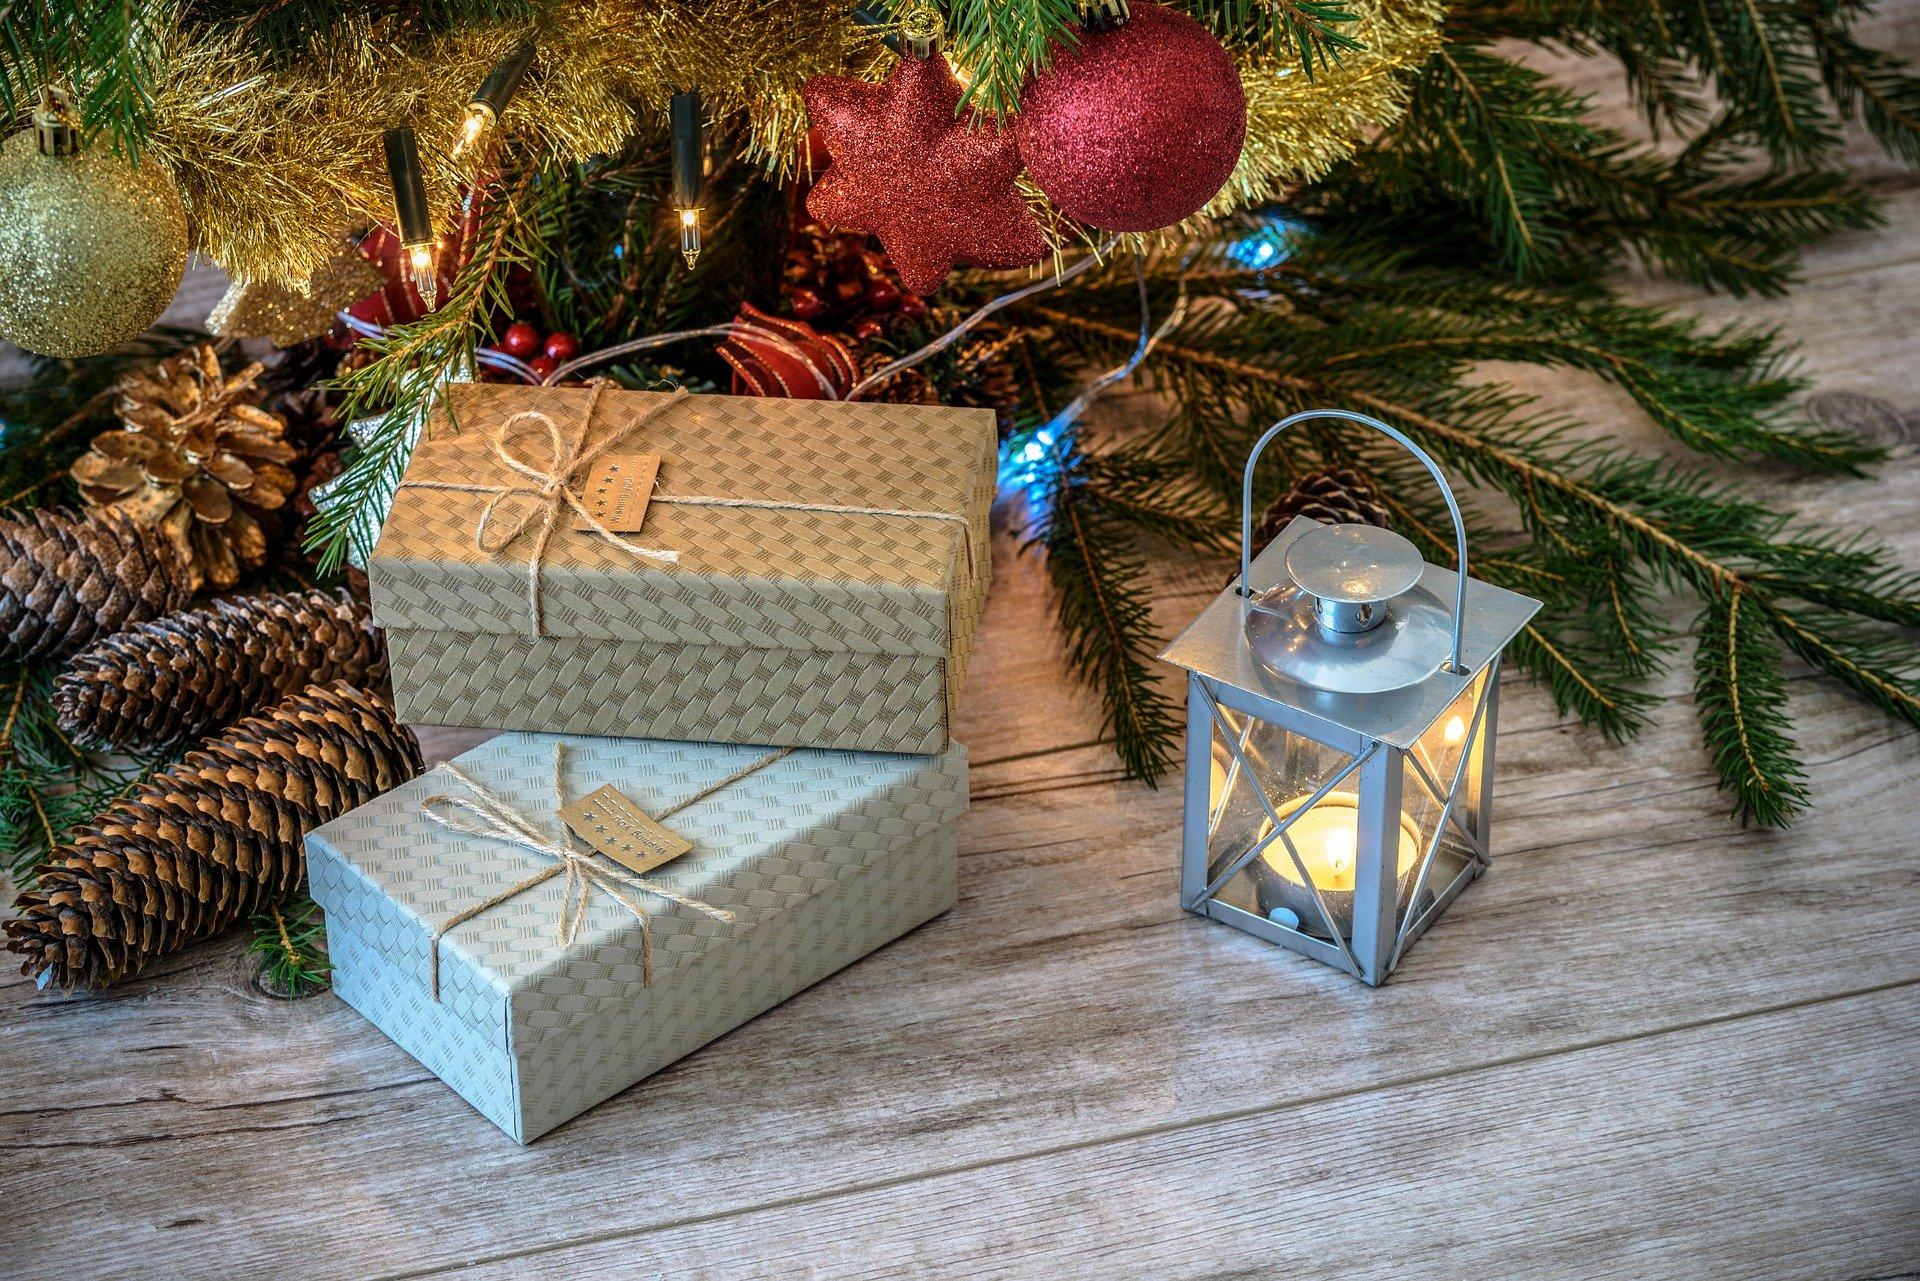 seasonal crime statistics - christmas tree and presents